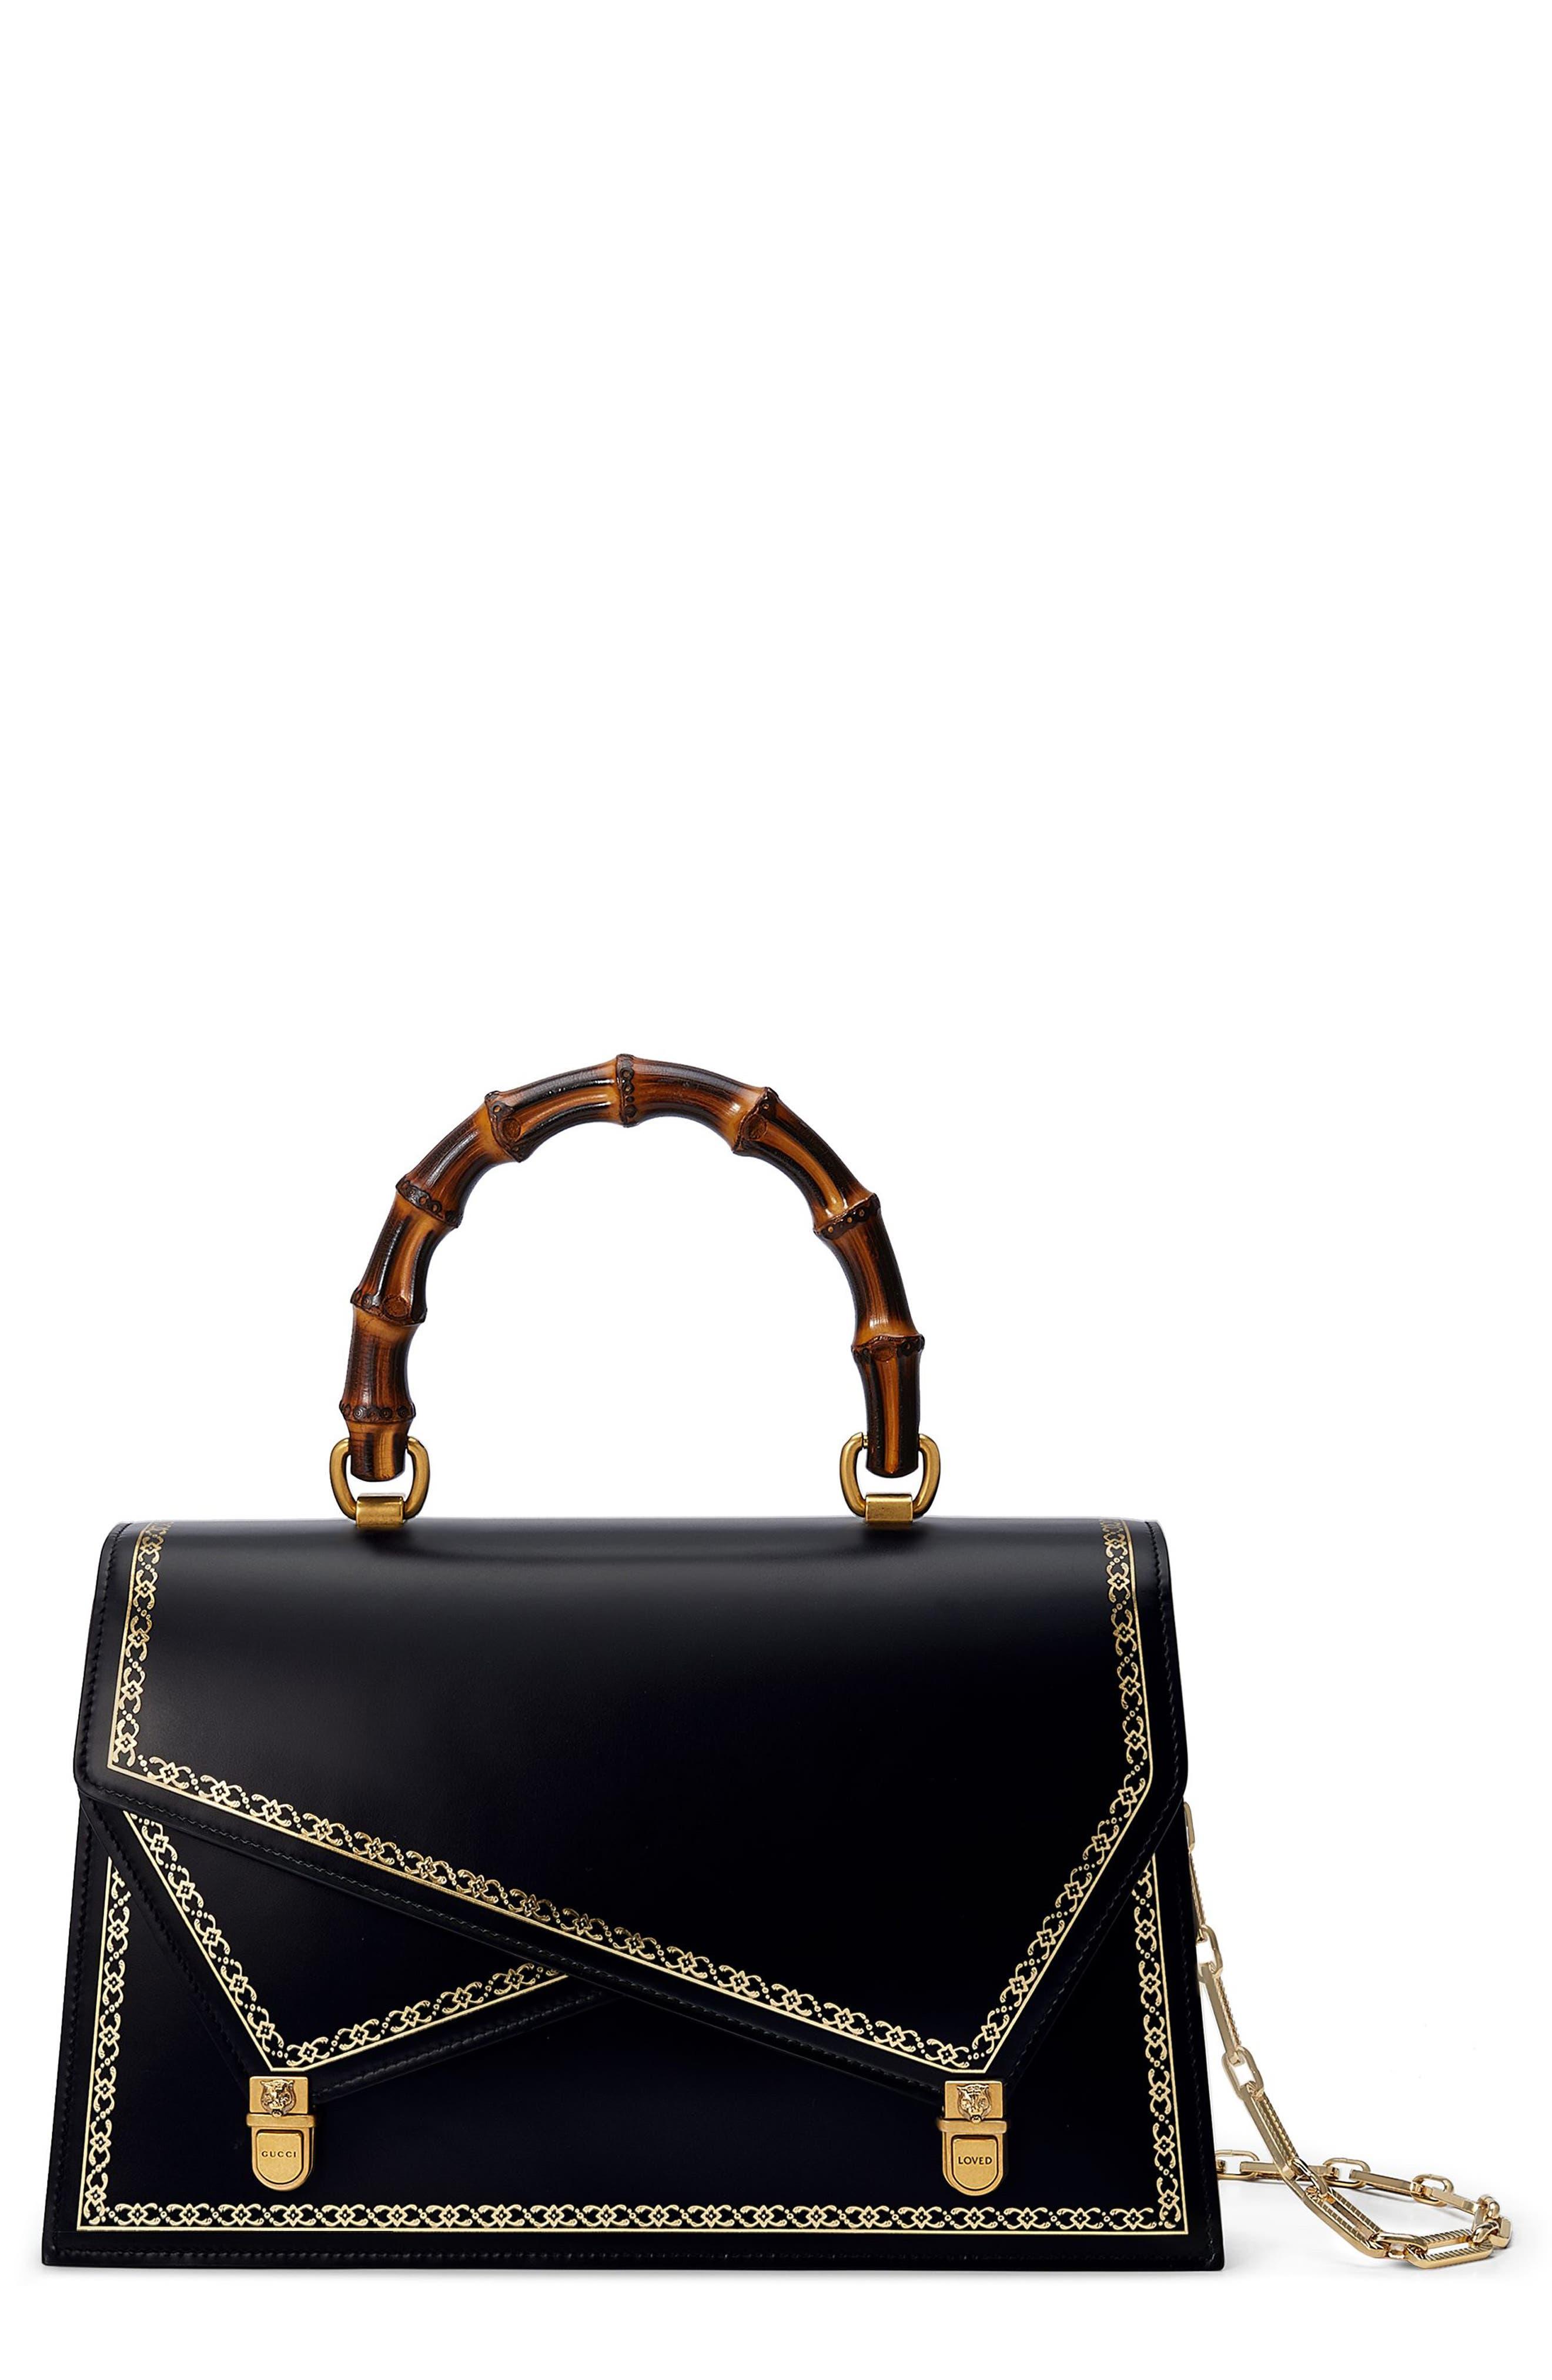 GUCCI Linea P Border Leather Double Flap Top Handle Satchel